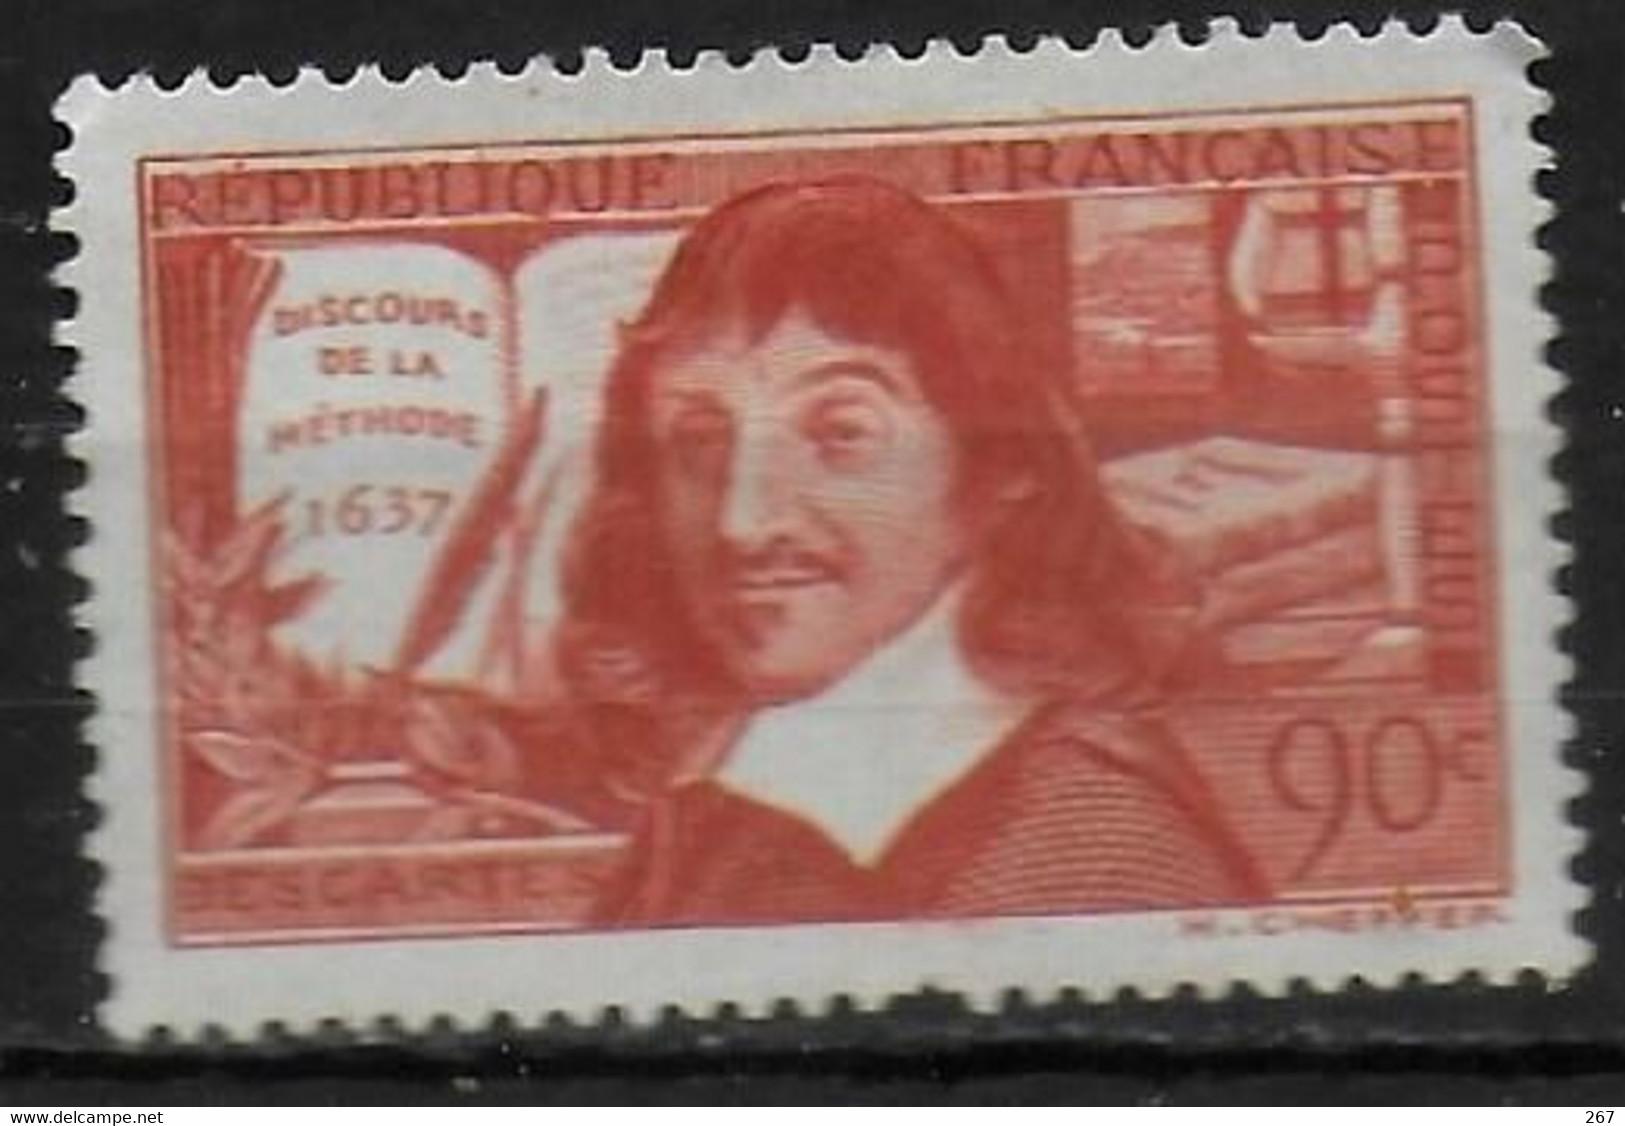 FRANCE  N° 342 *  ( Cote 7e ) René Descartes  Discours De La Methode - Airplanes